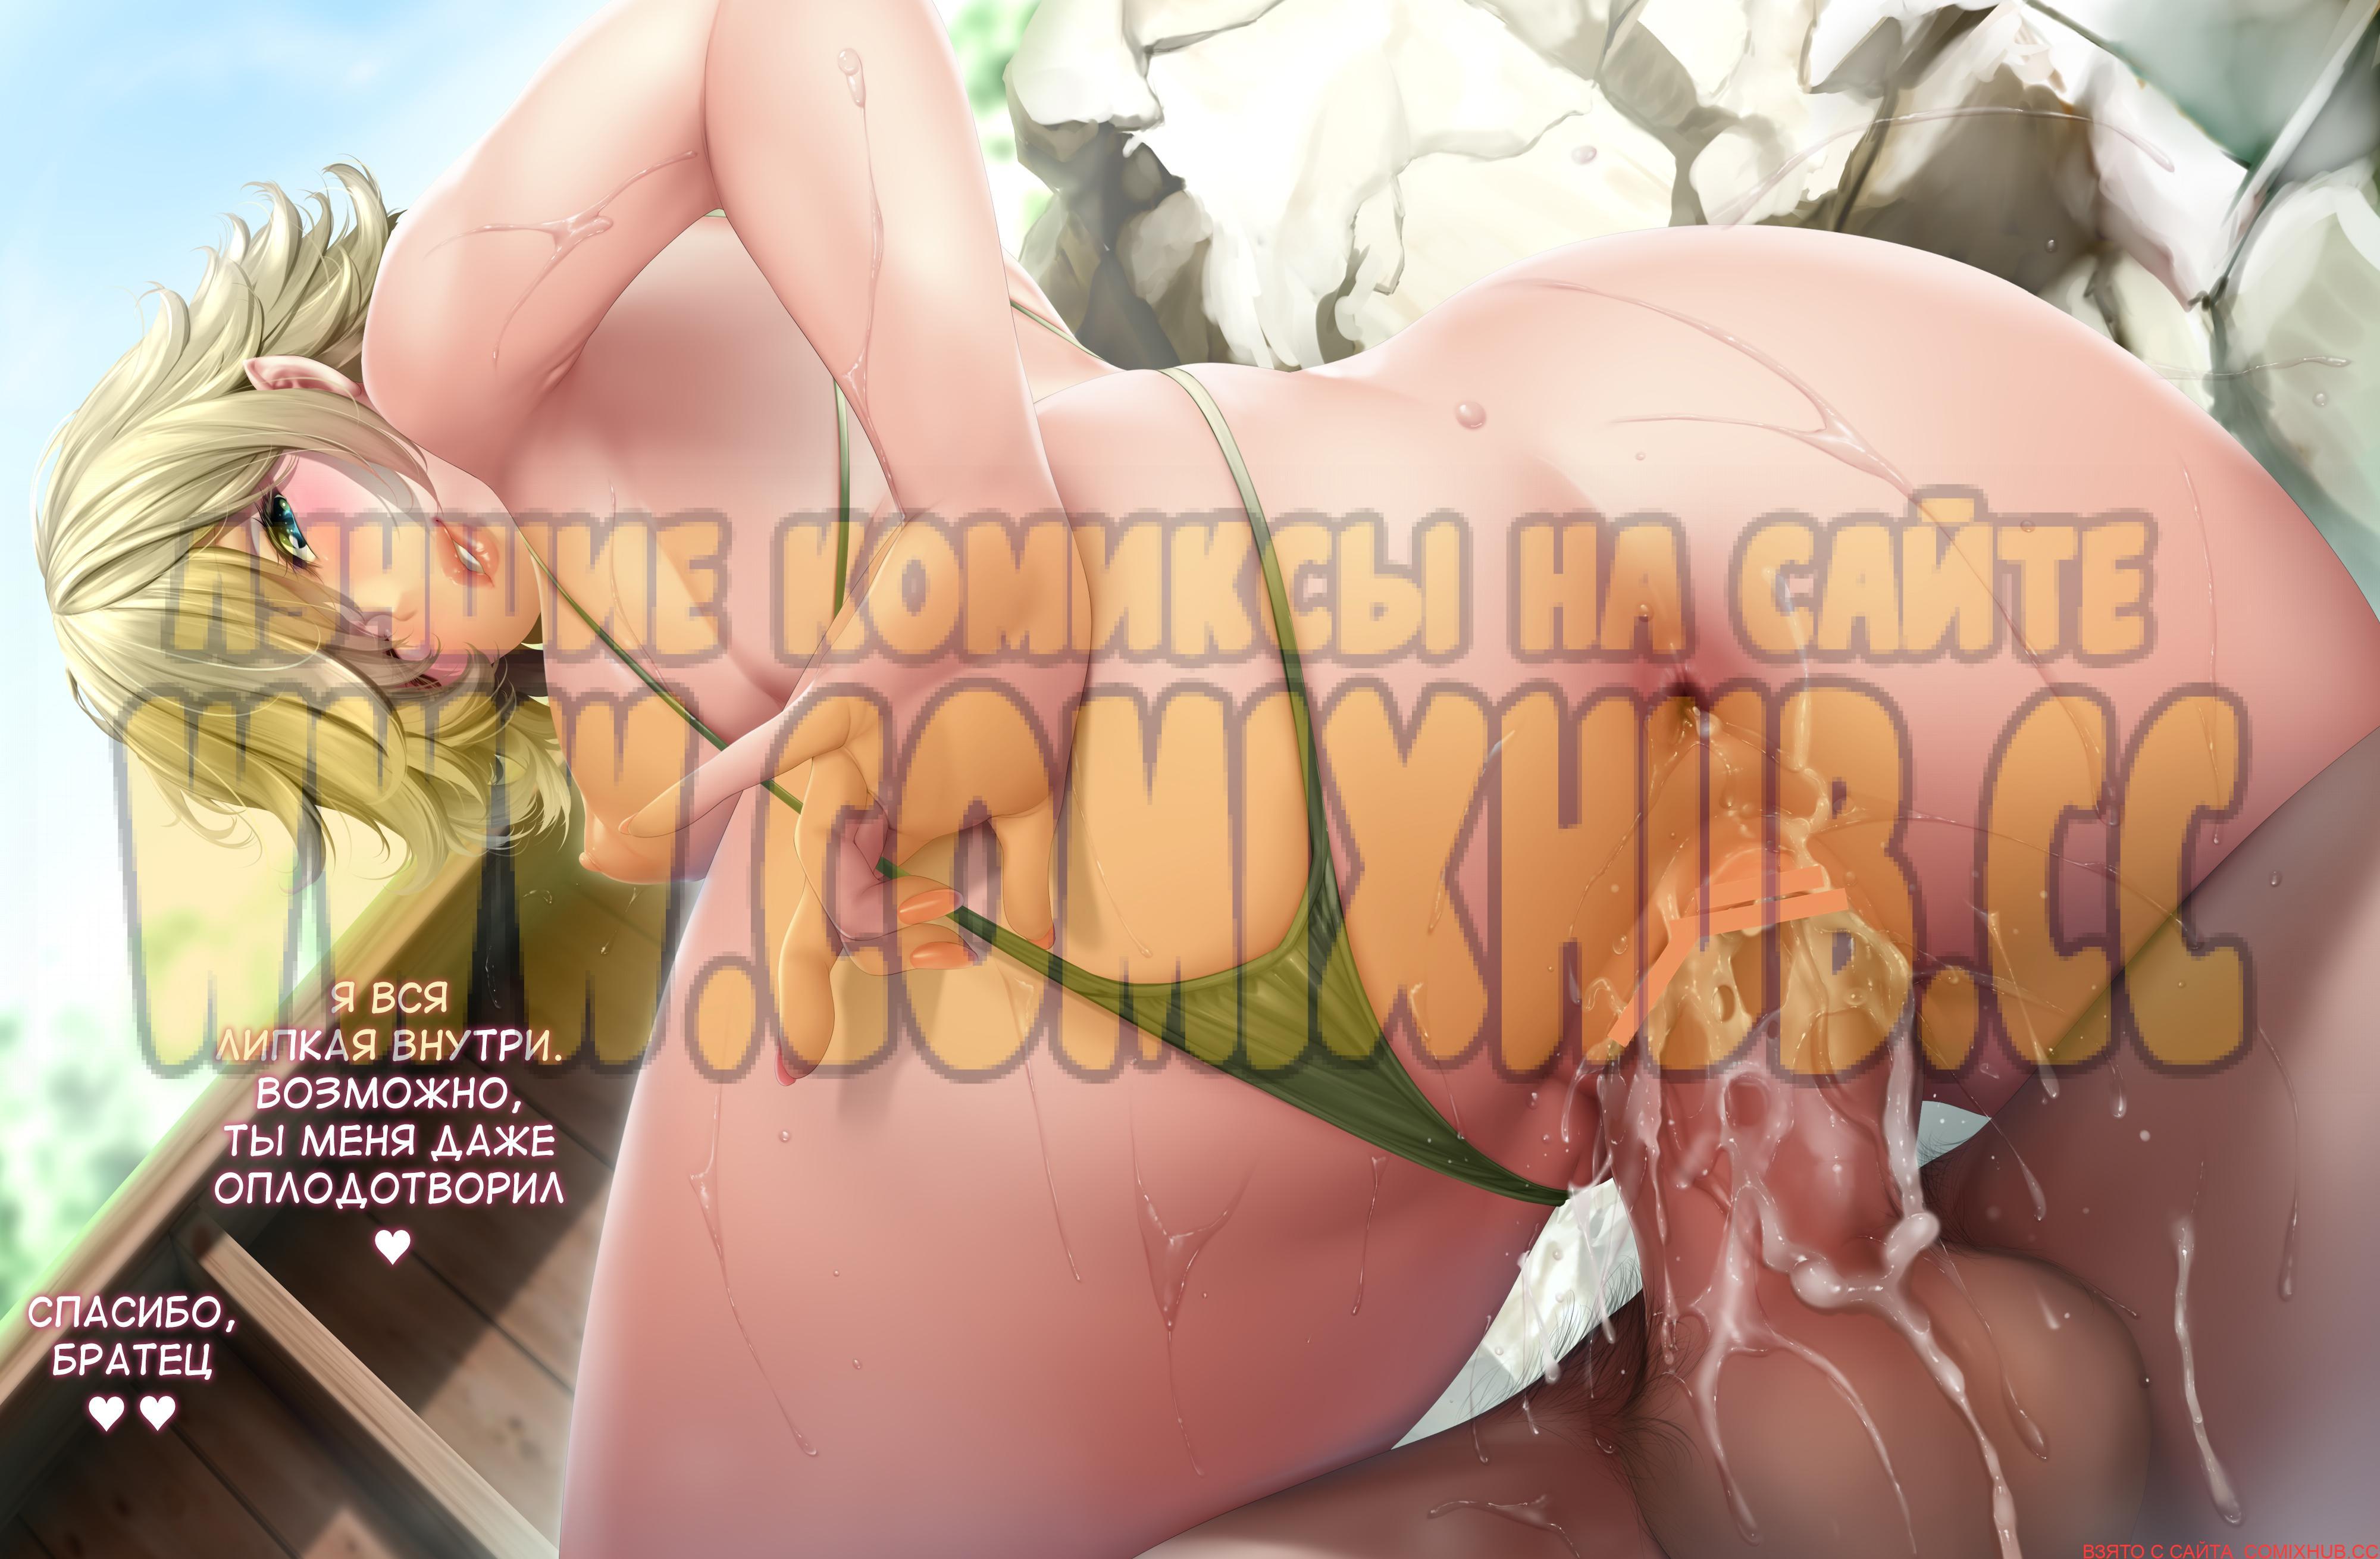 Горячий источник эротичной эльфийки - порно комиксы Большая грудь, Минет, Порно комиксы, Хентай манга, манхва